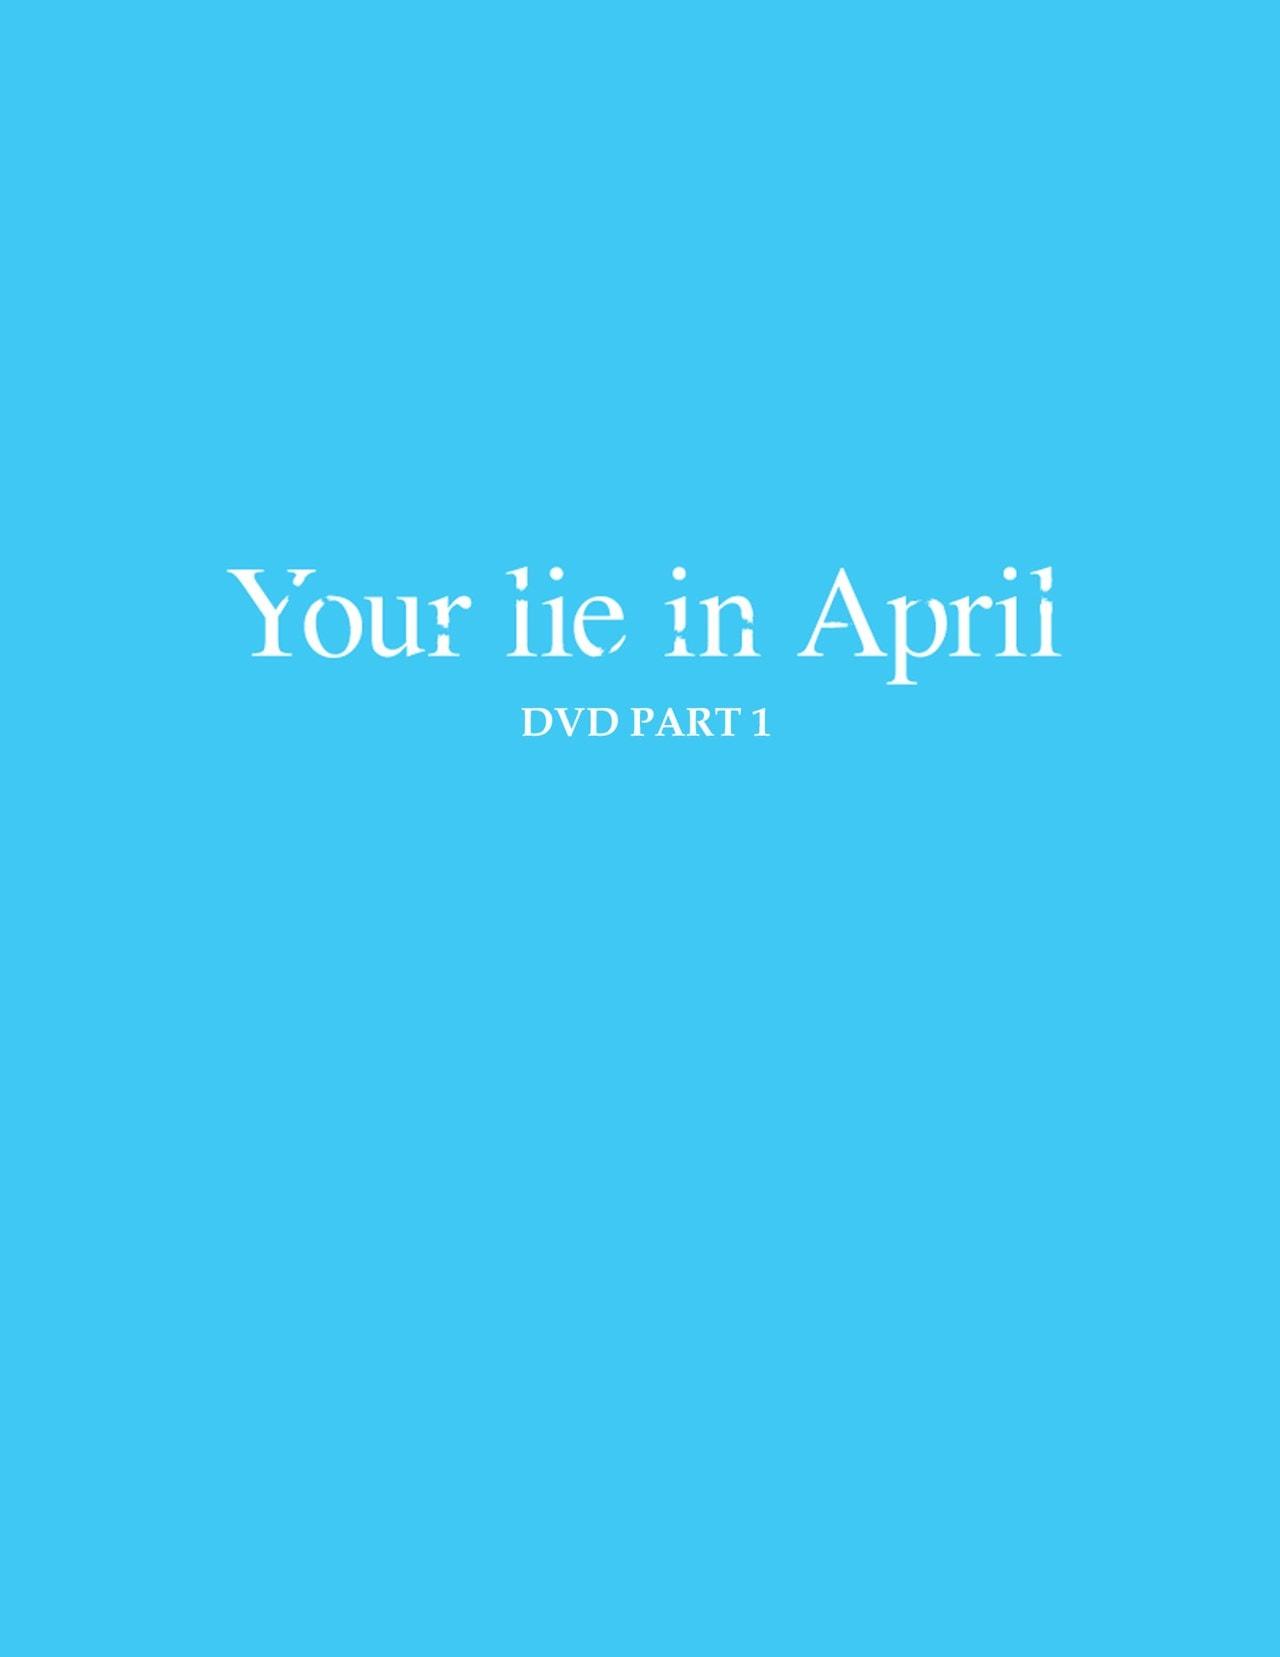 Your Lie in April: Part 1 - 1